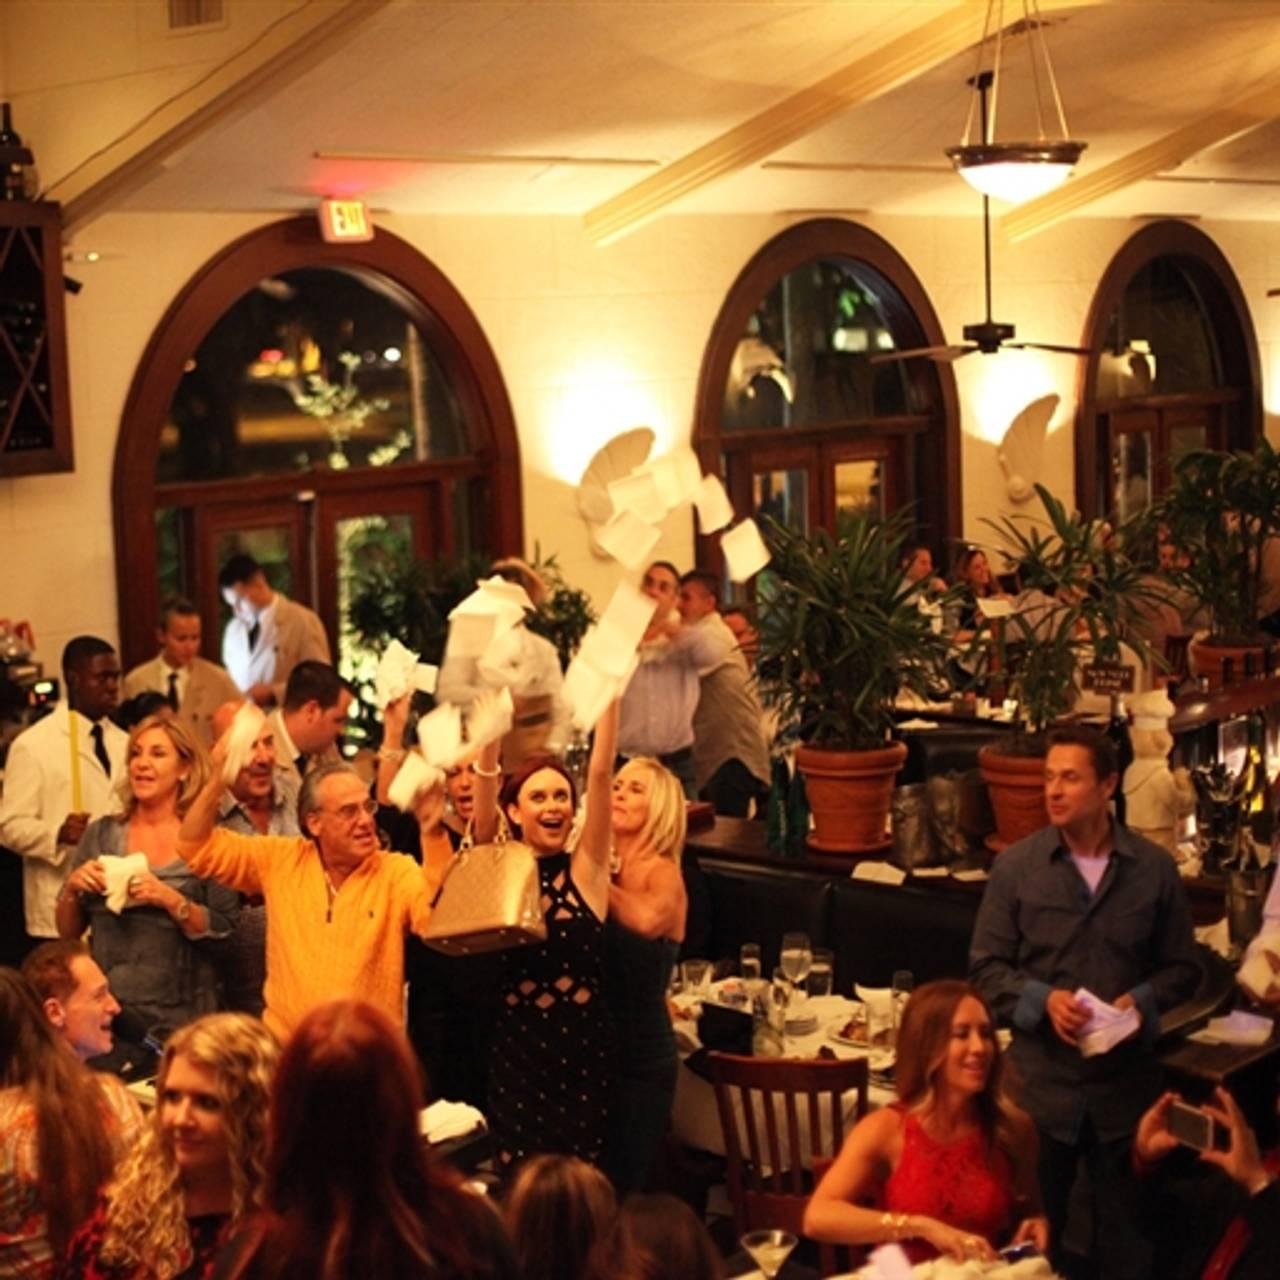 New York Prime >> New York Prime Steakhouse Boca Raton Restaurant Boca